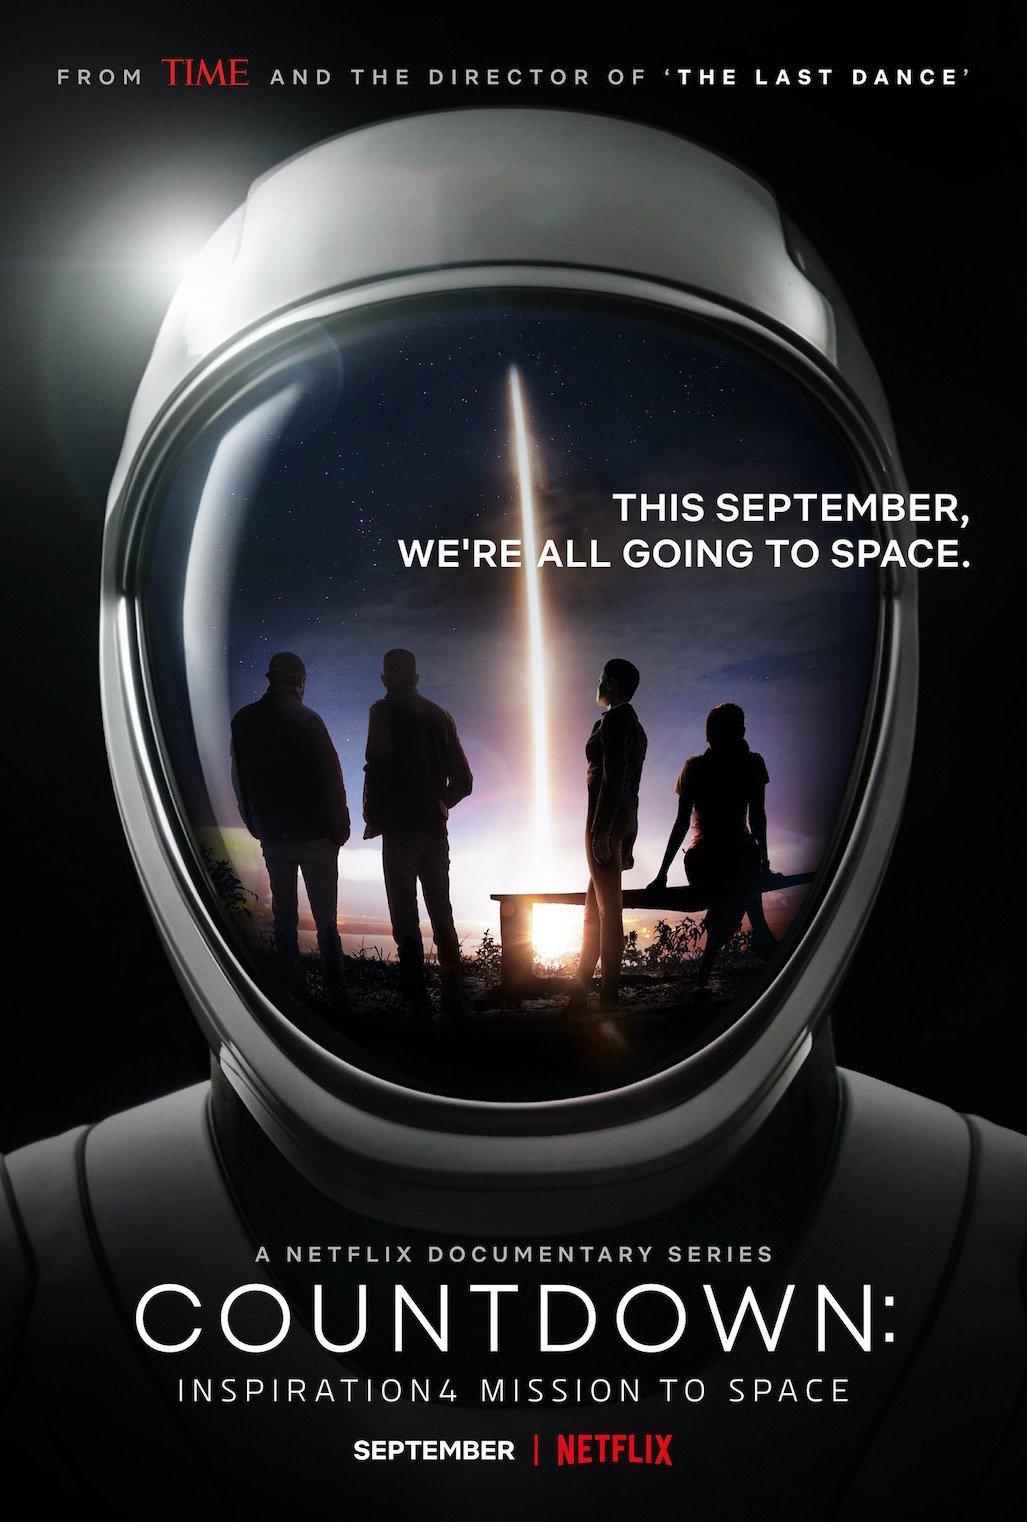 Netflix ประกาศทำสารคดีภารกิจ Inspiration4 ของ SpaceX ไปพร้อมๆ กับภารกิจ